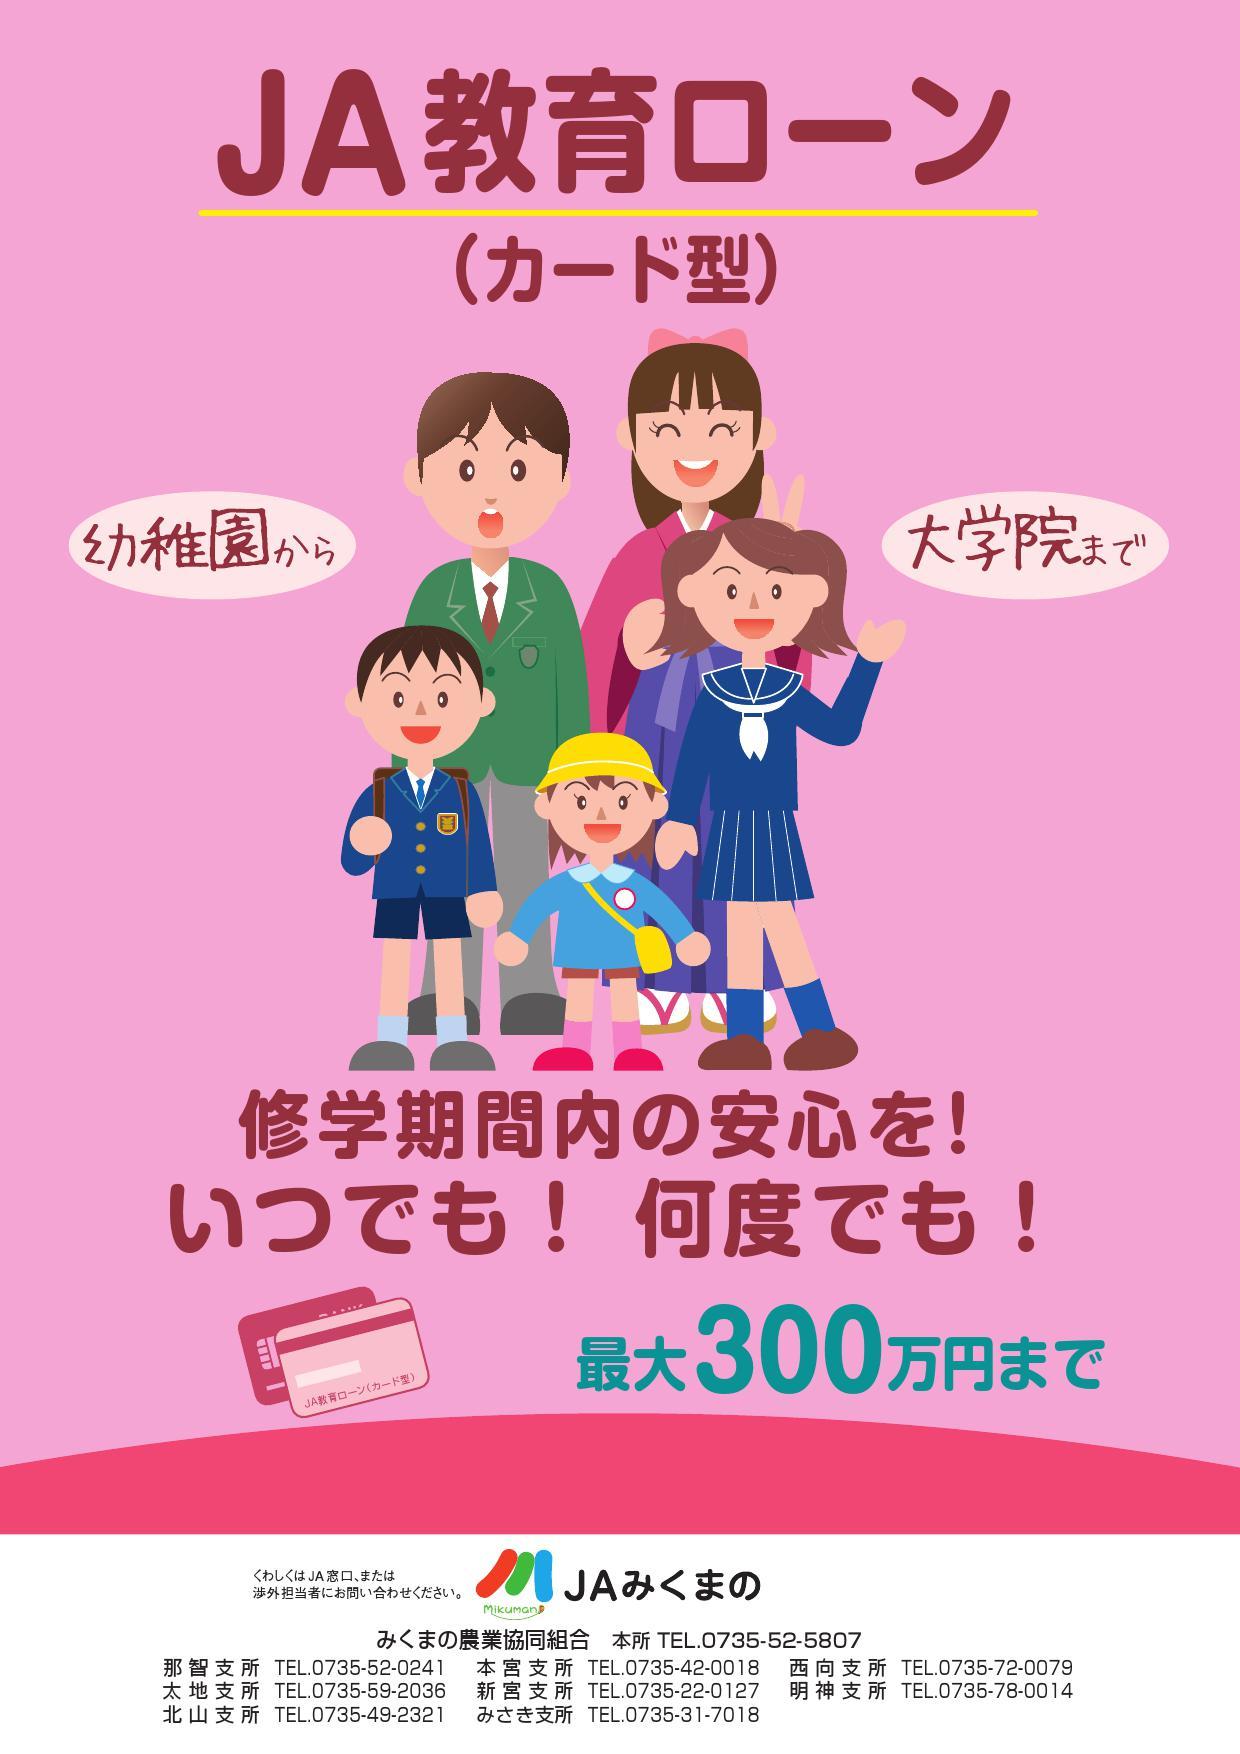 JA教育ローン(カード型)